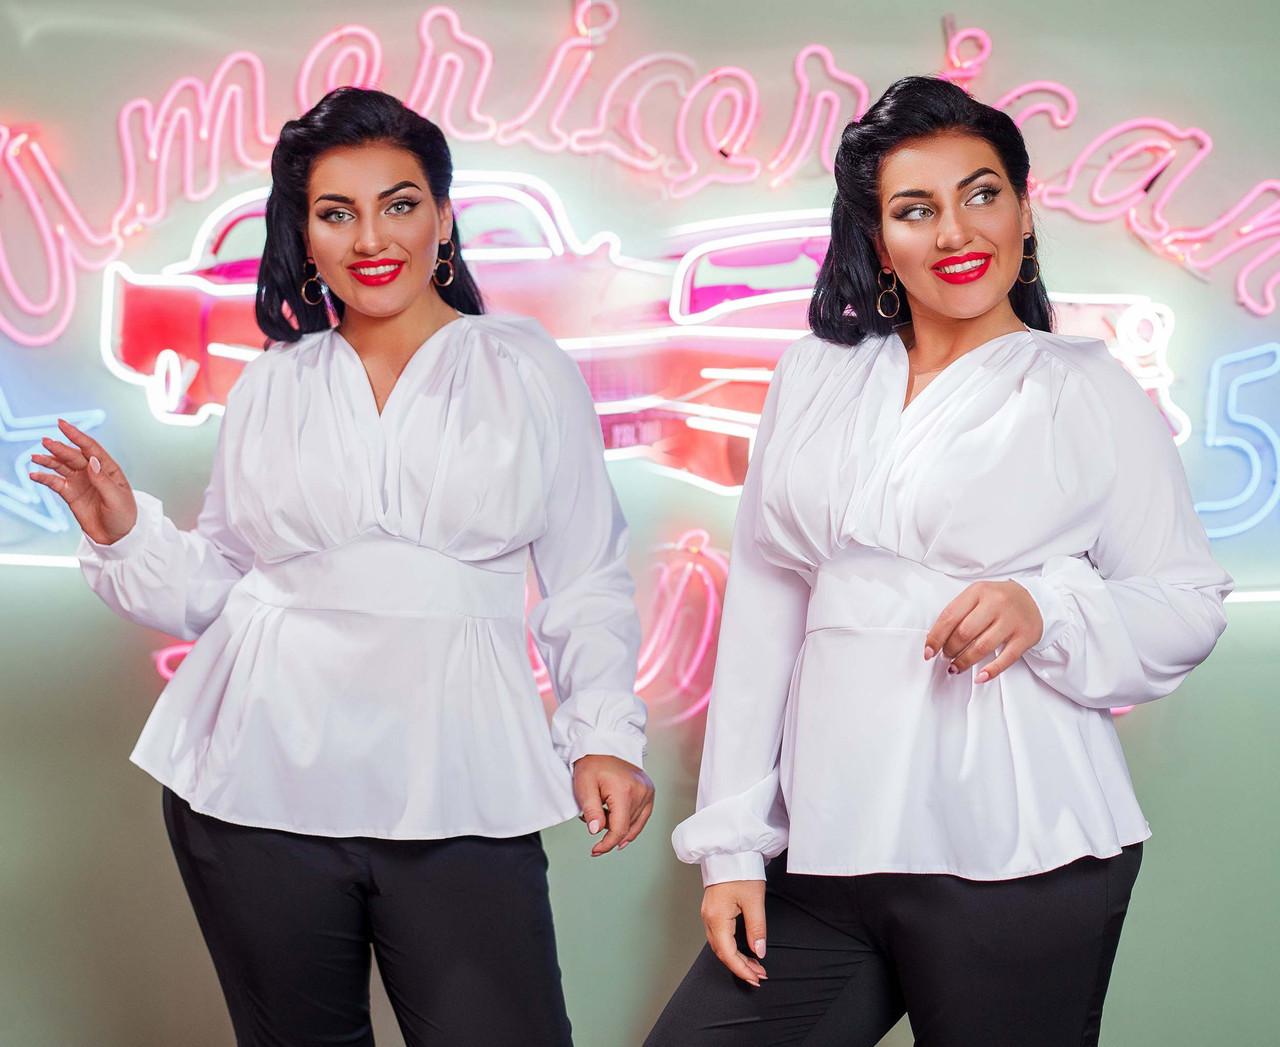 """Стильная нарядная женская блузка в больших размерах """"Софт Баска Драпировка Кокетка"""" в расцветках (DG-ак 0391)"""